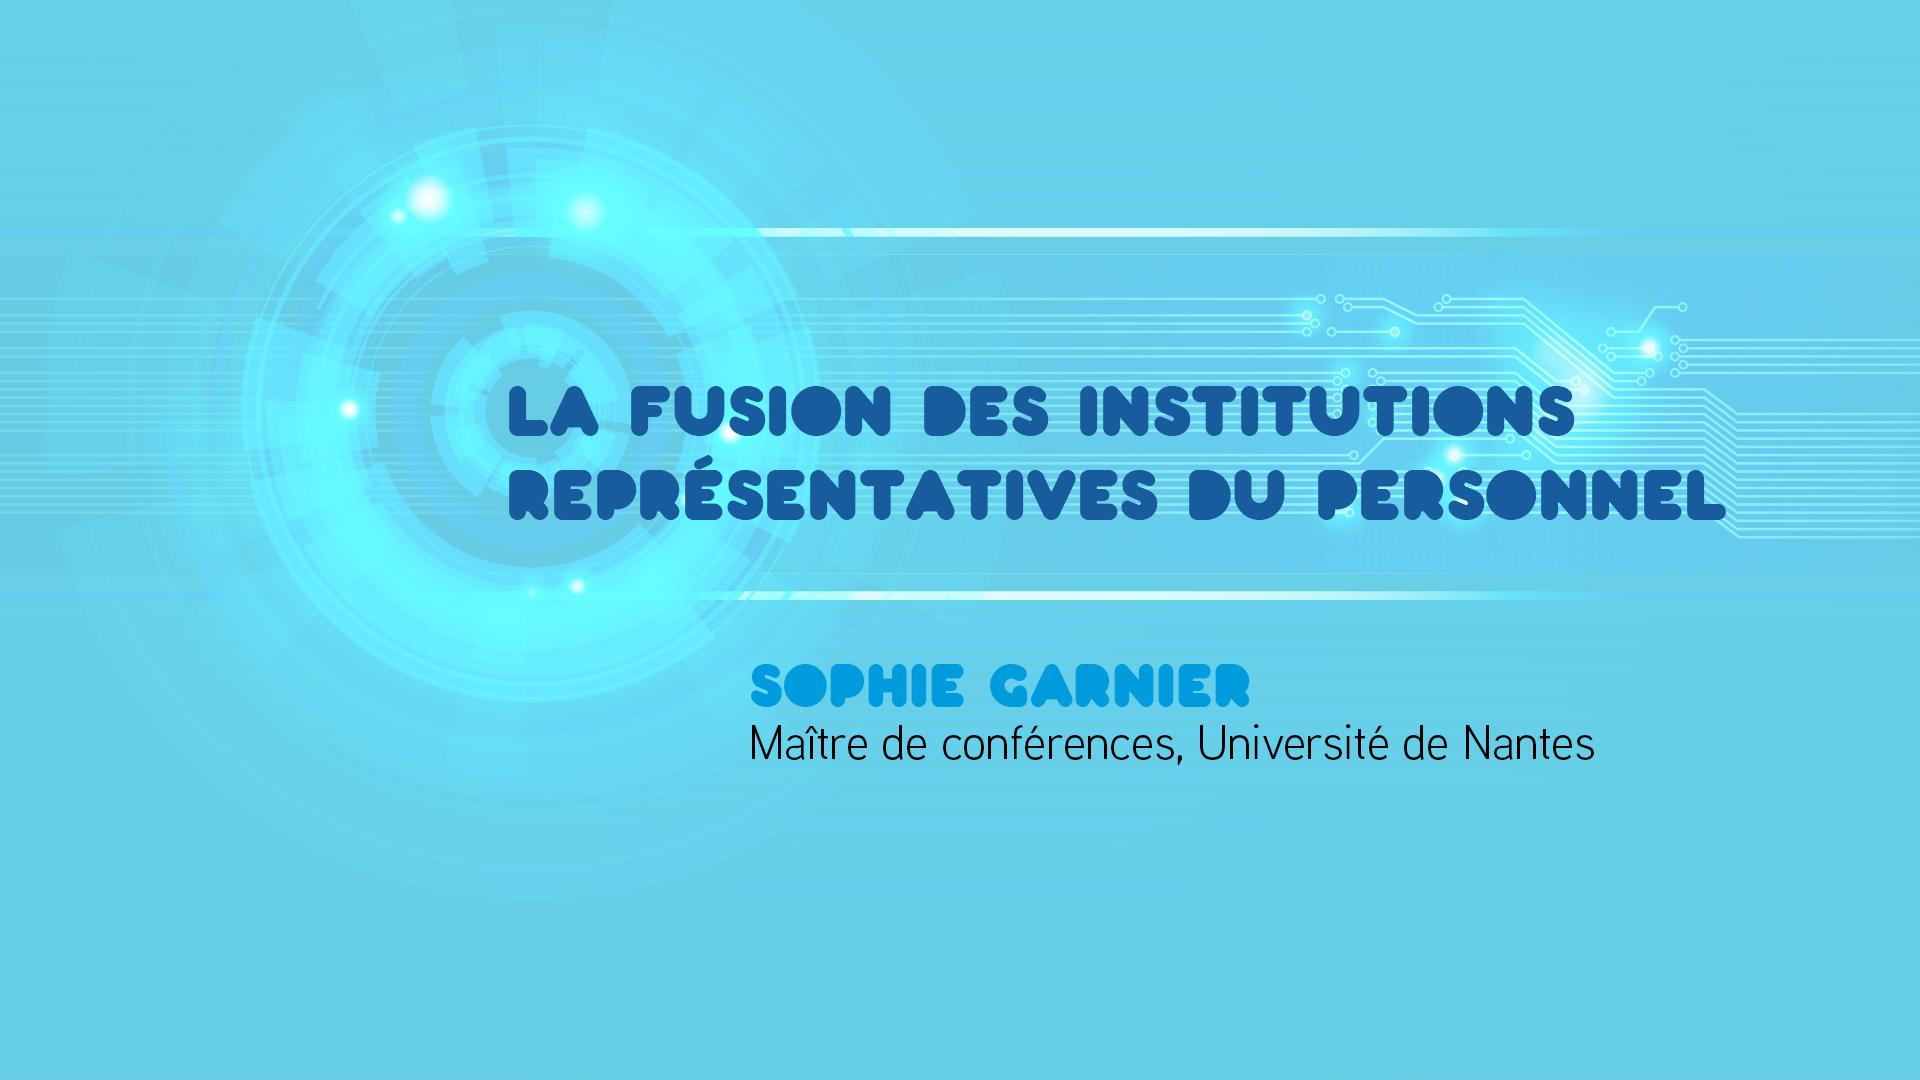 Conference La Fusion Des Institutions Representatives Du Personnel